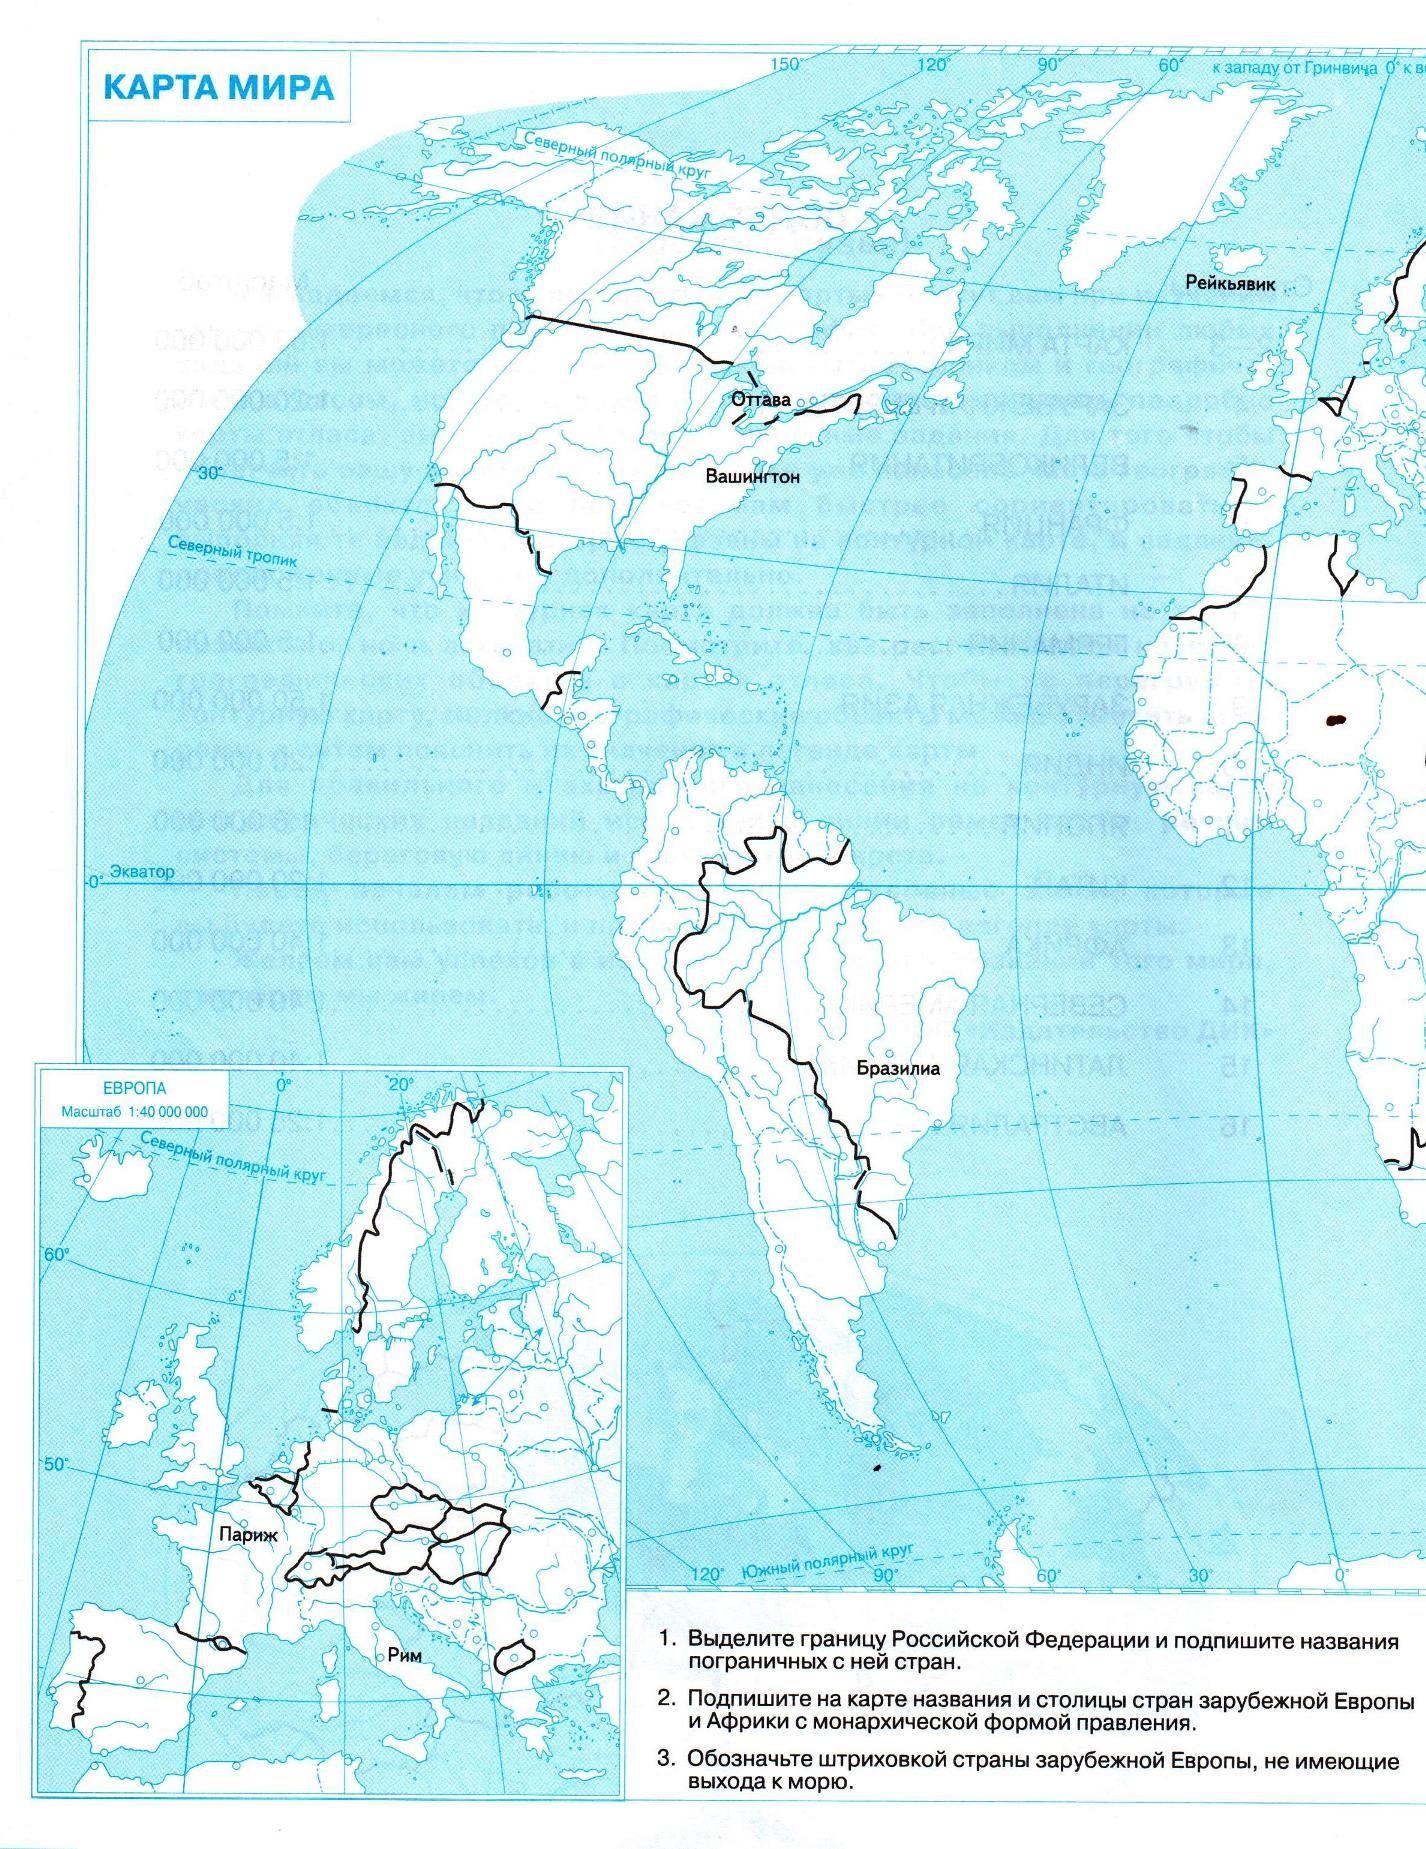 Konturnaya Karta Po Geografii 10 Karta Mira Geografiya